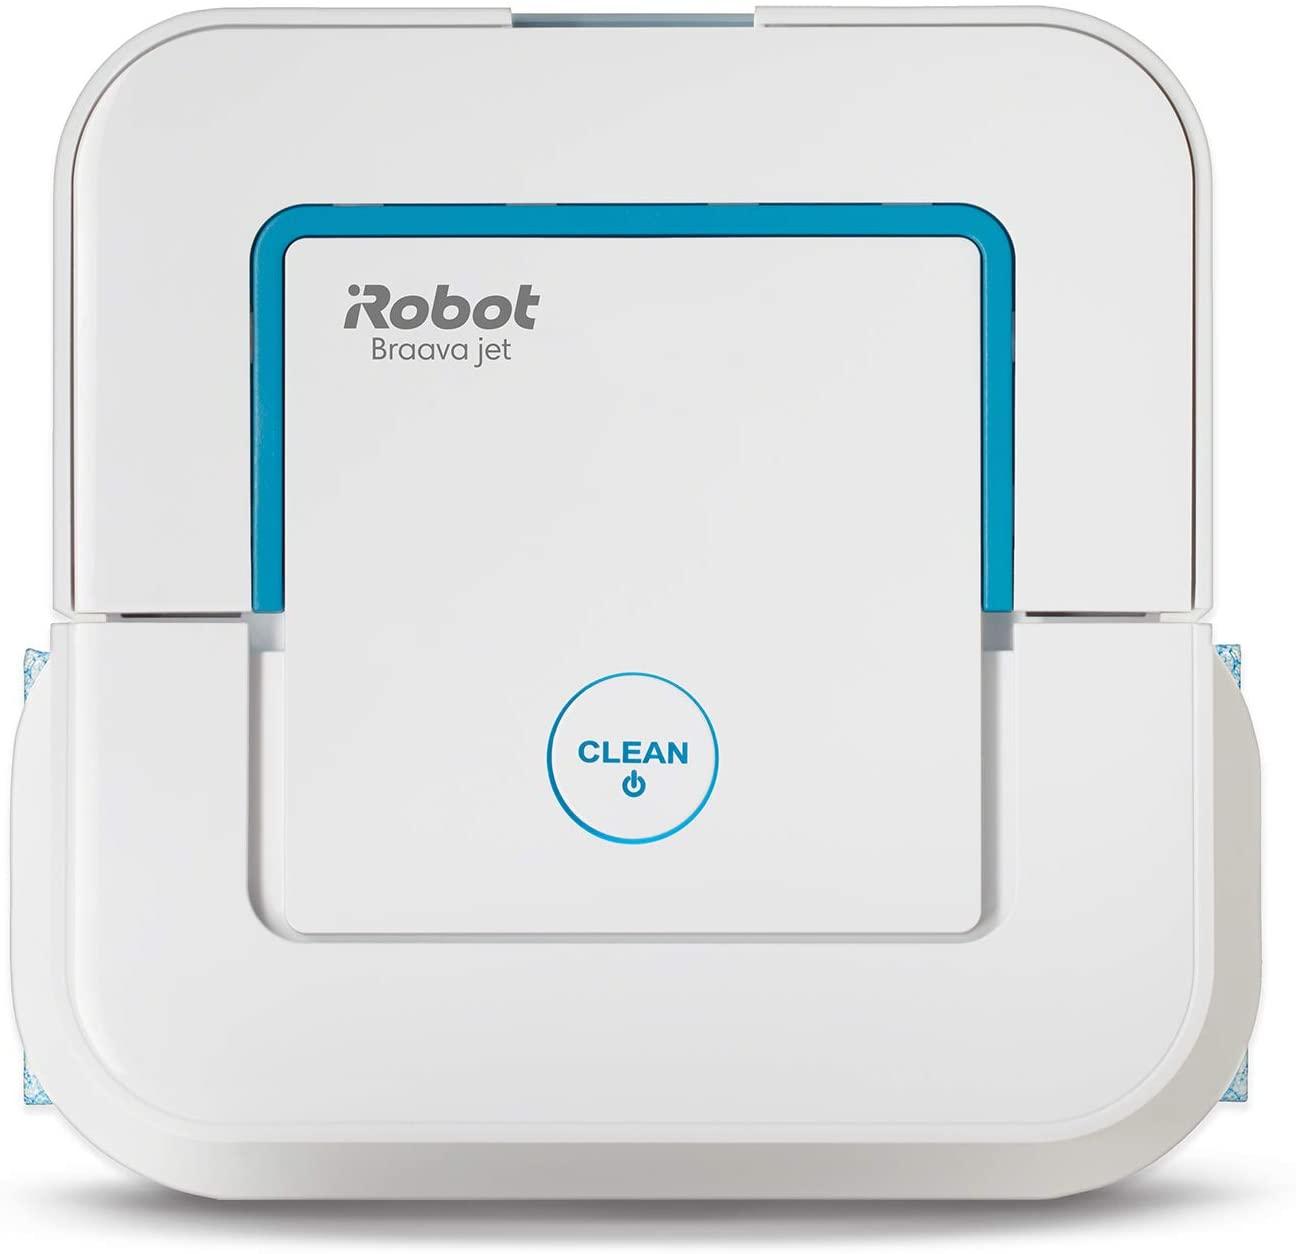 iRobot Braava Jet 250 dweilrobot @ Amazon.nl